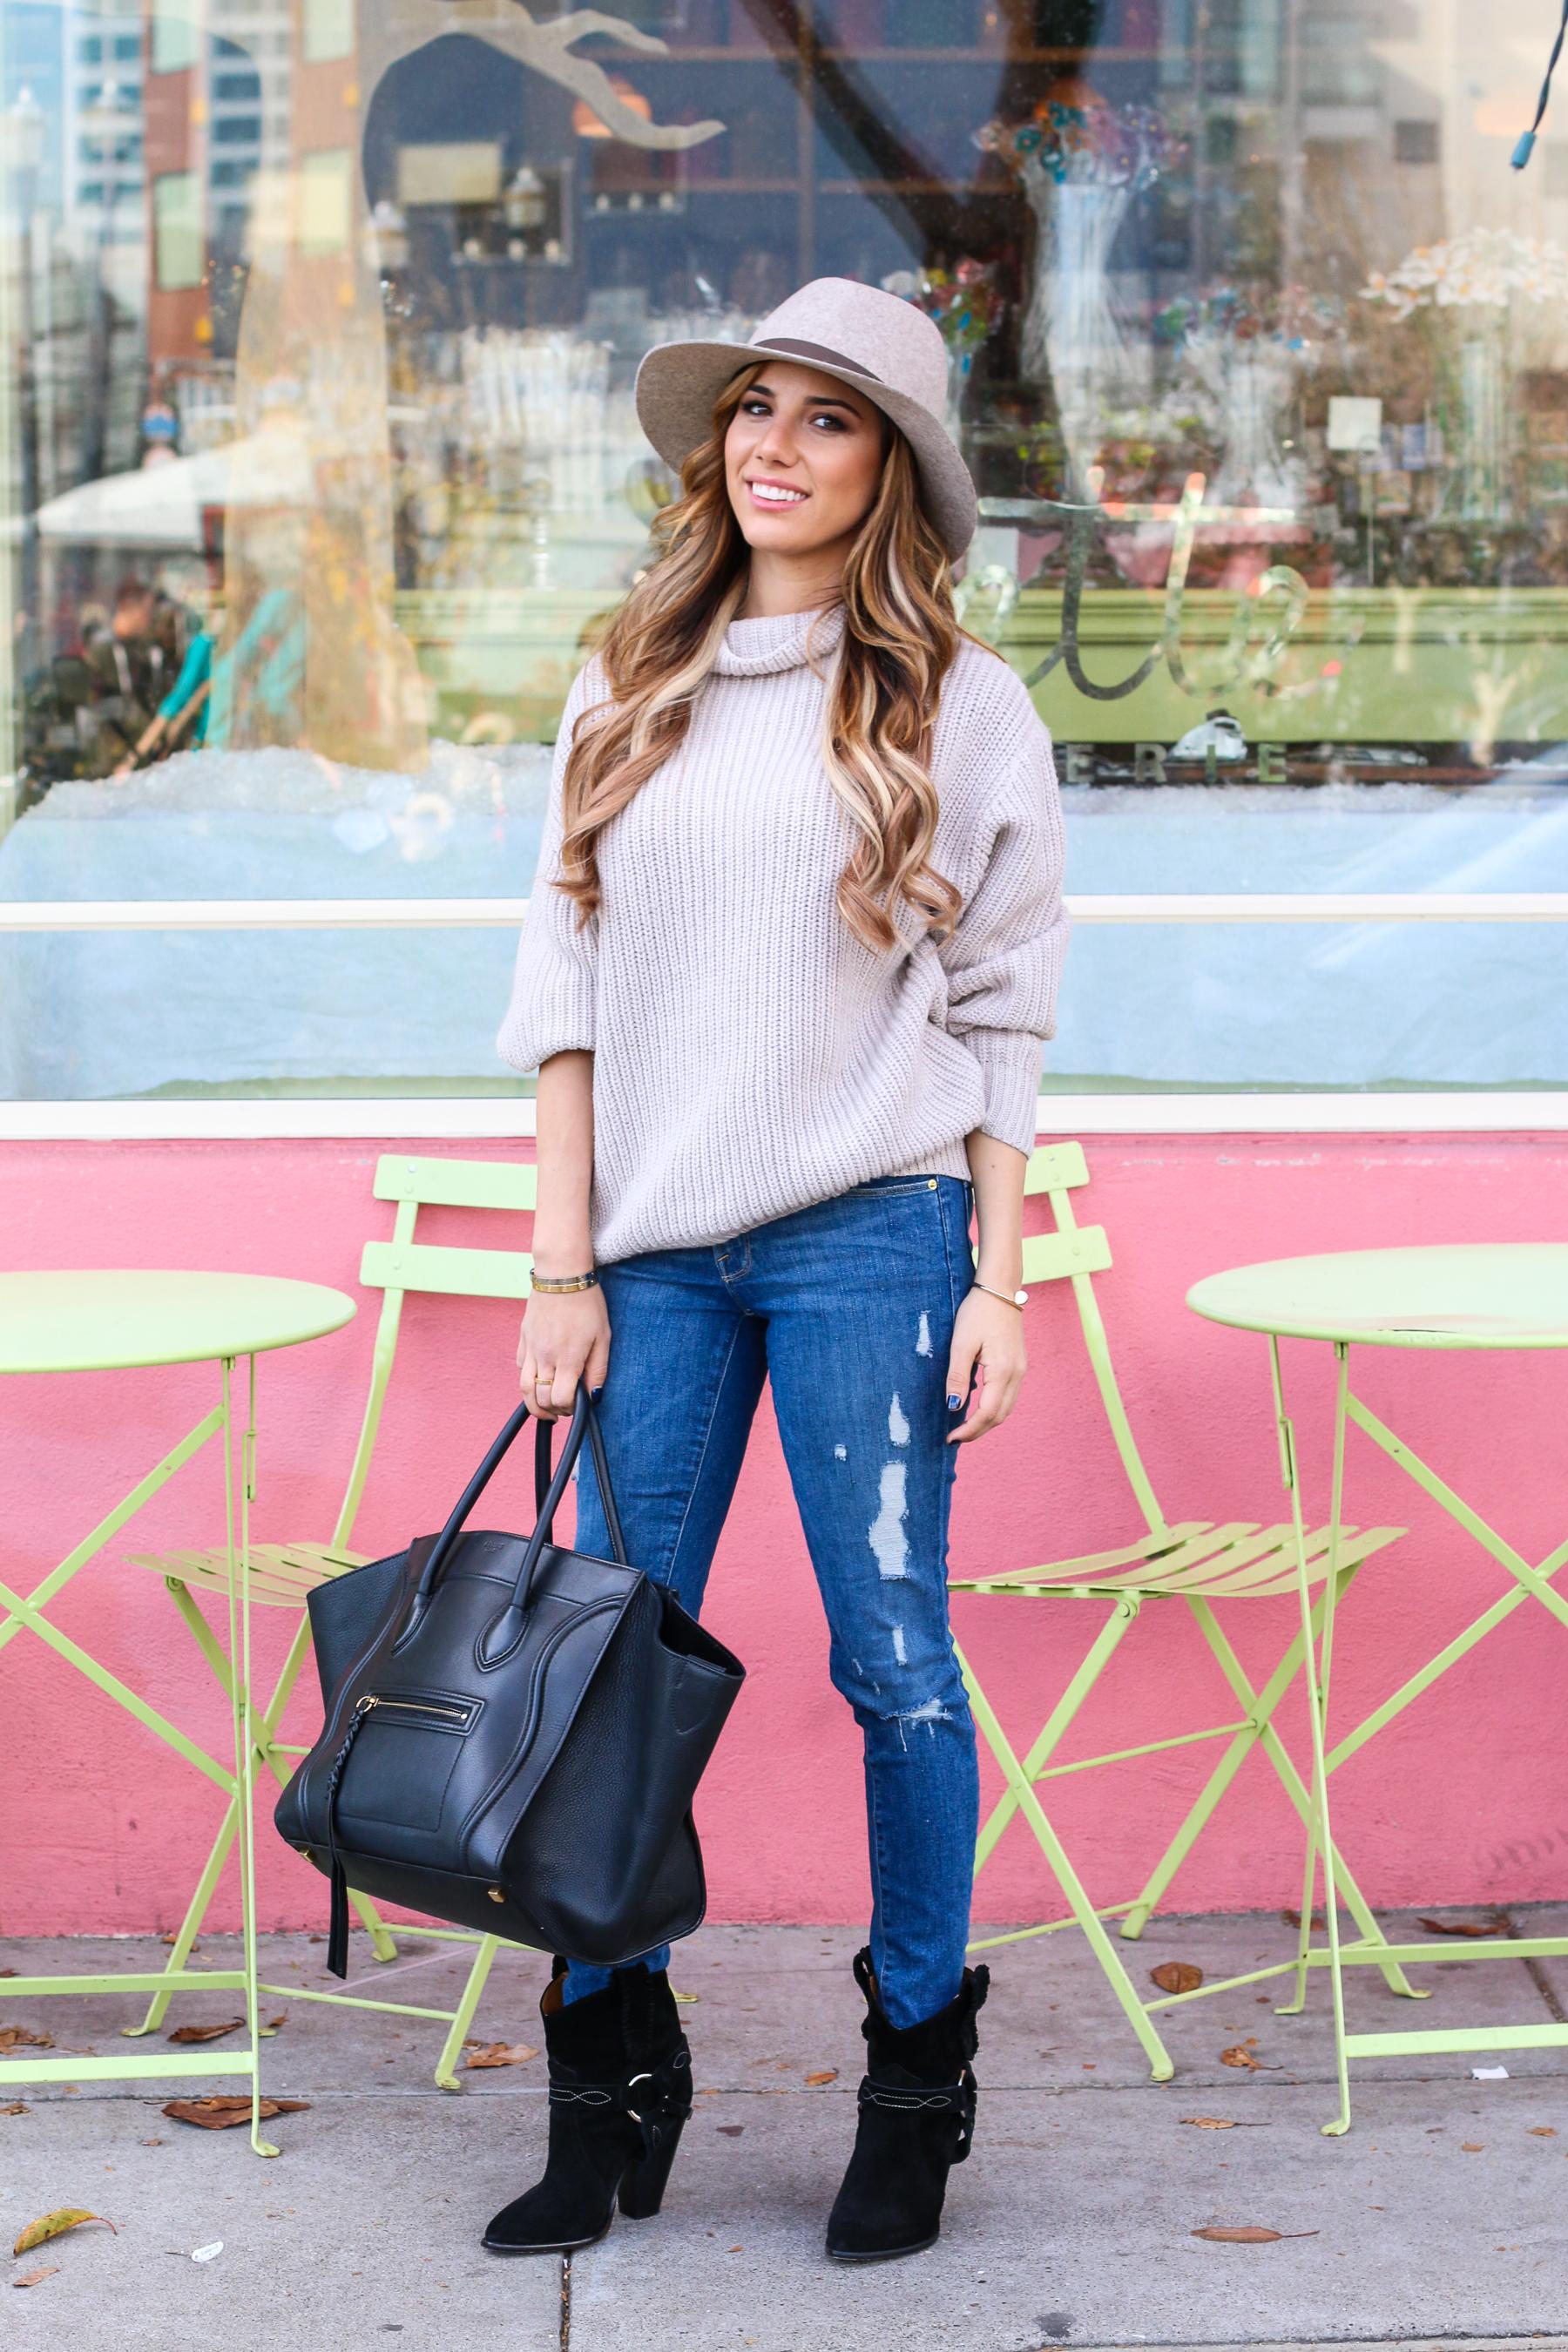 Ariana Lauren FashionBorn Fashion Blogger San Francisco Photography by Ryan Chua-8082